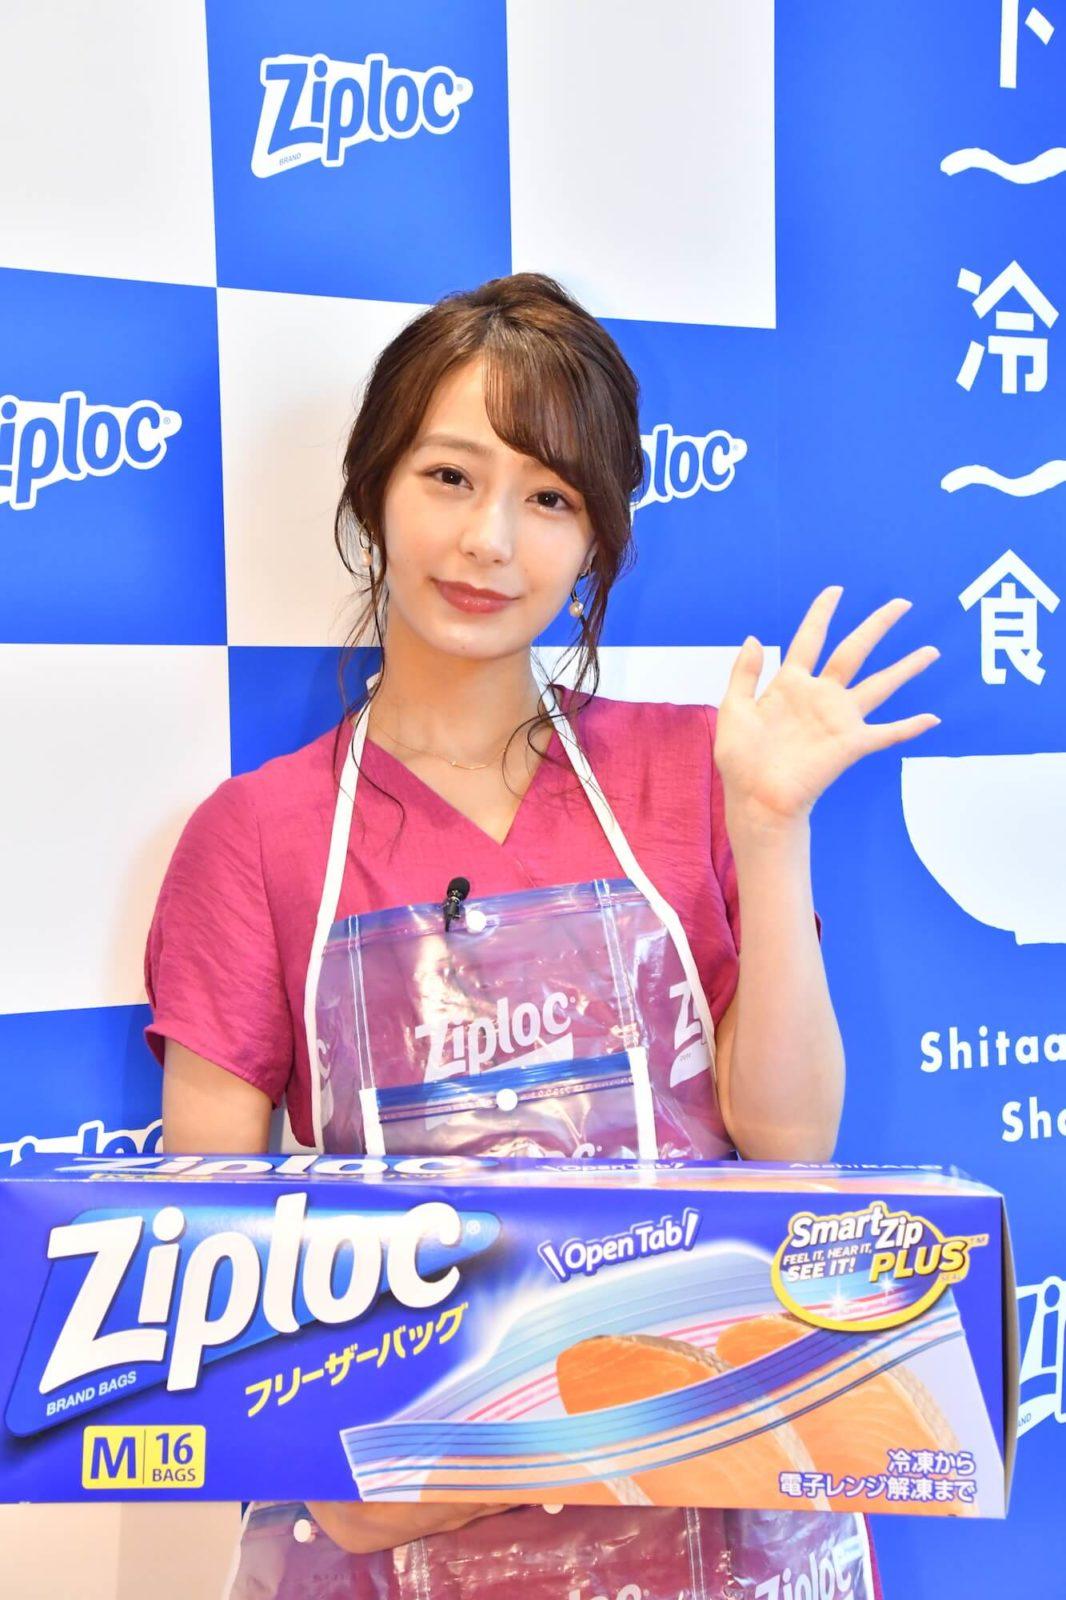 宇垣美里がエプロン姿を披露!時短料理は「ゲームみたいで私は好き」サムネイル画像